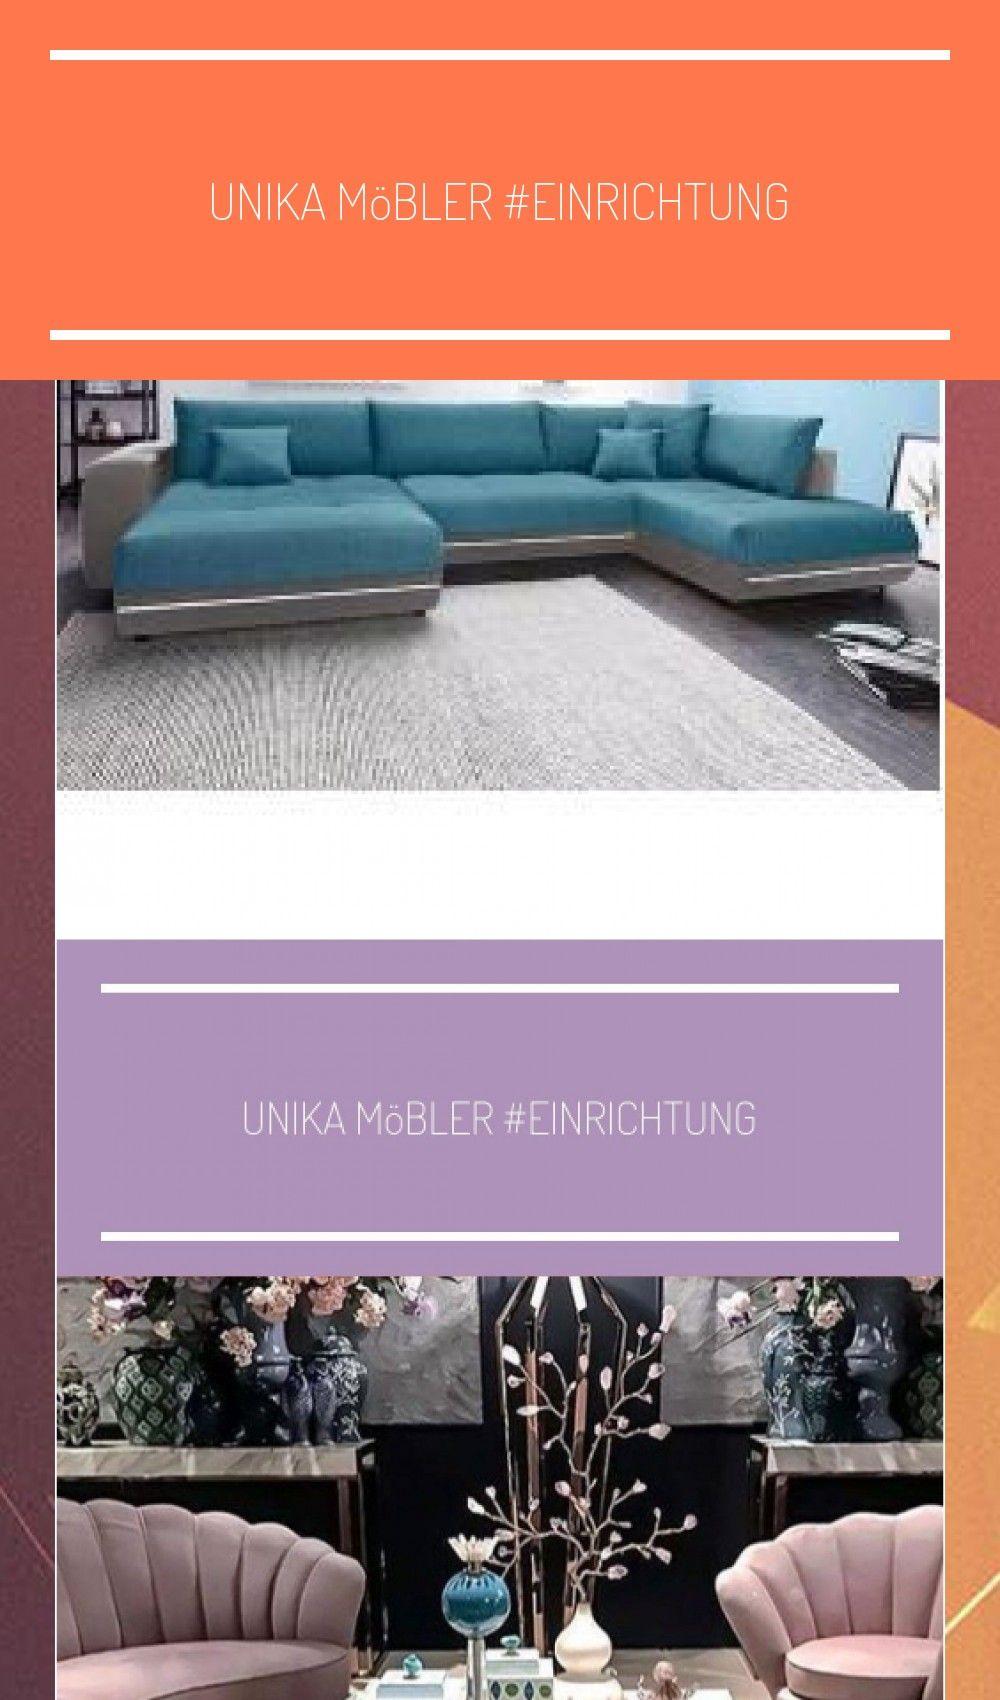 Unika möbler #einrichtungsideen schlafz... #Unika #möbler ##einrichtungsideen #schlafz... #einrichtungsideen schlafzimmer frauen